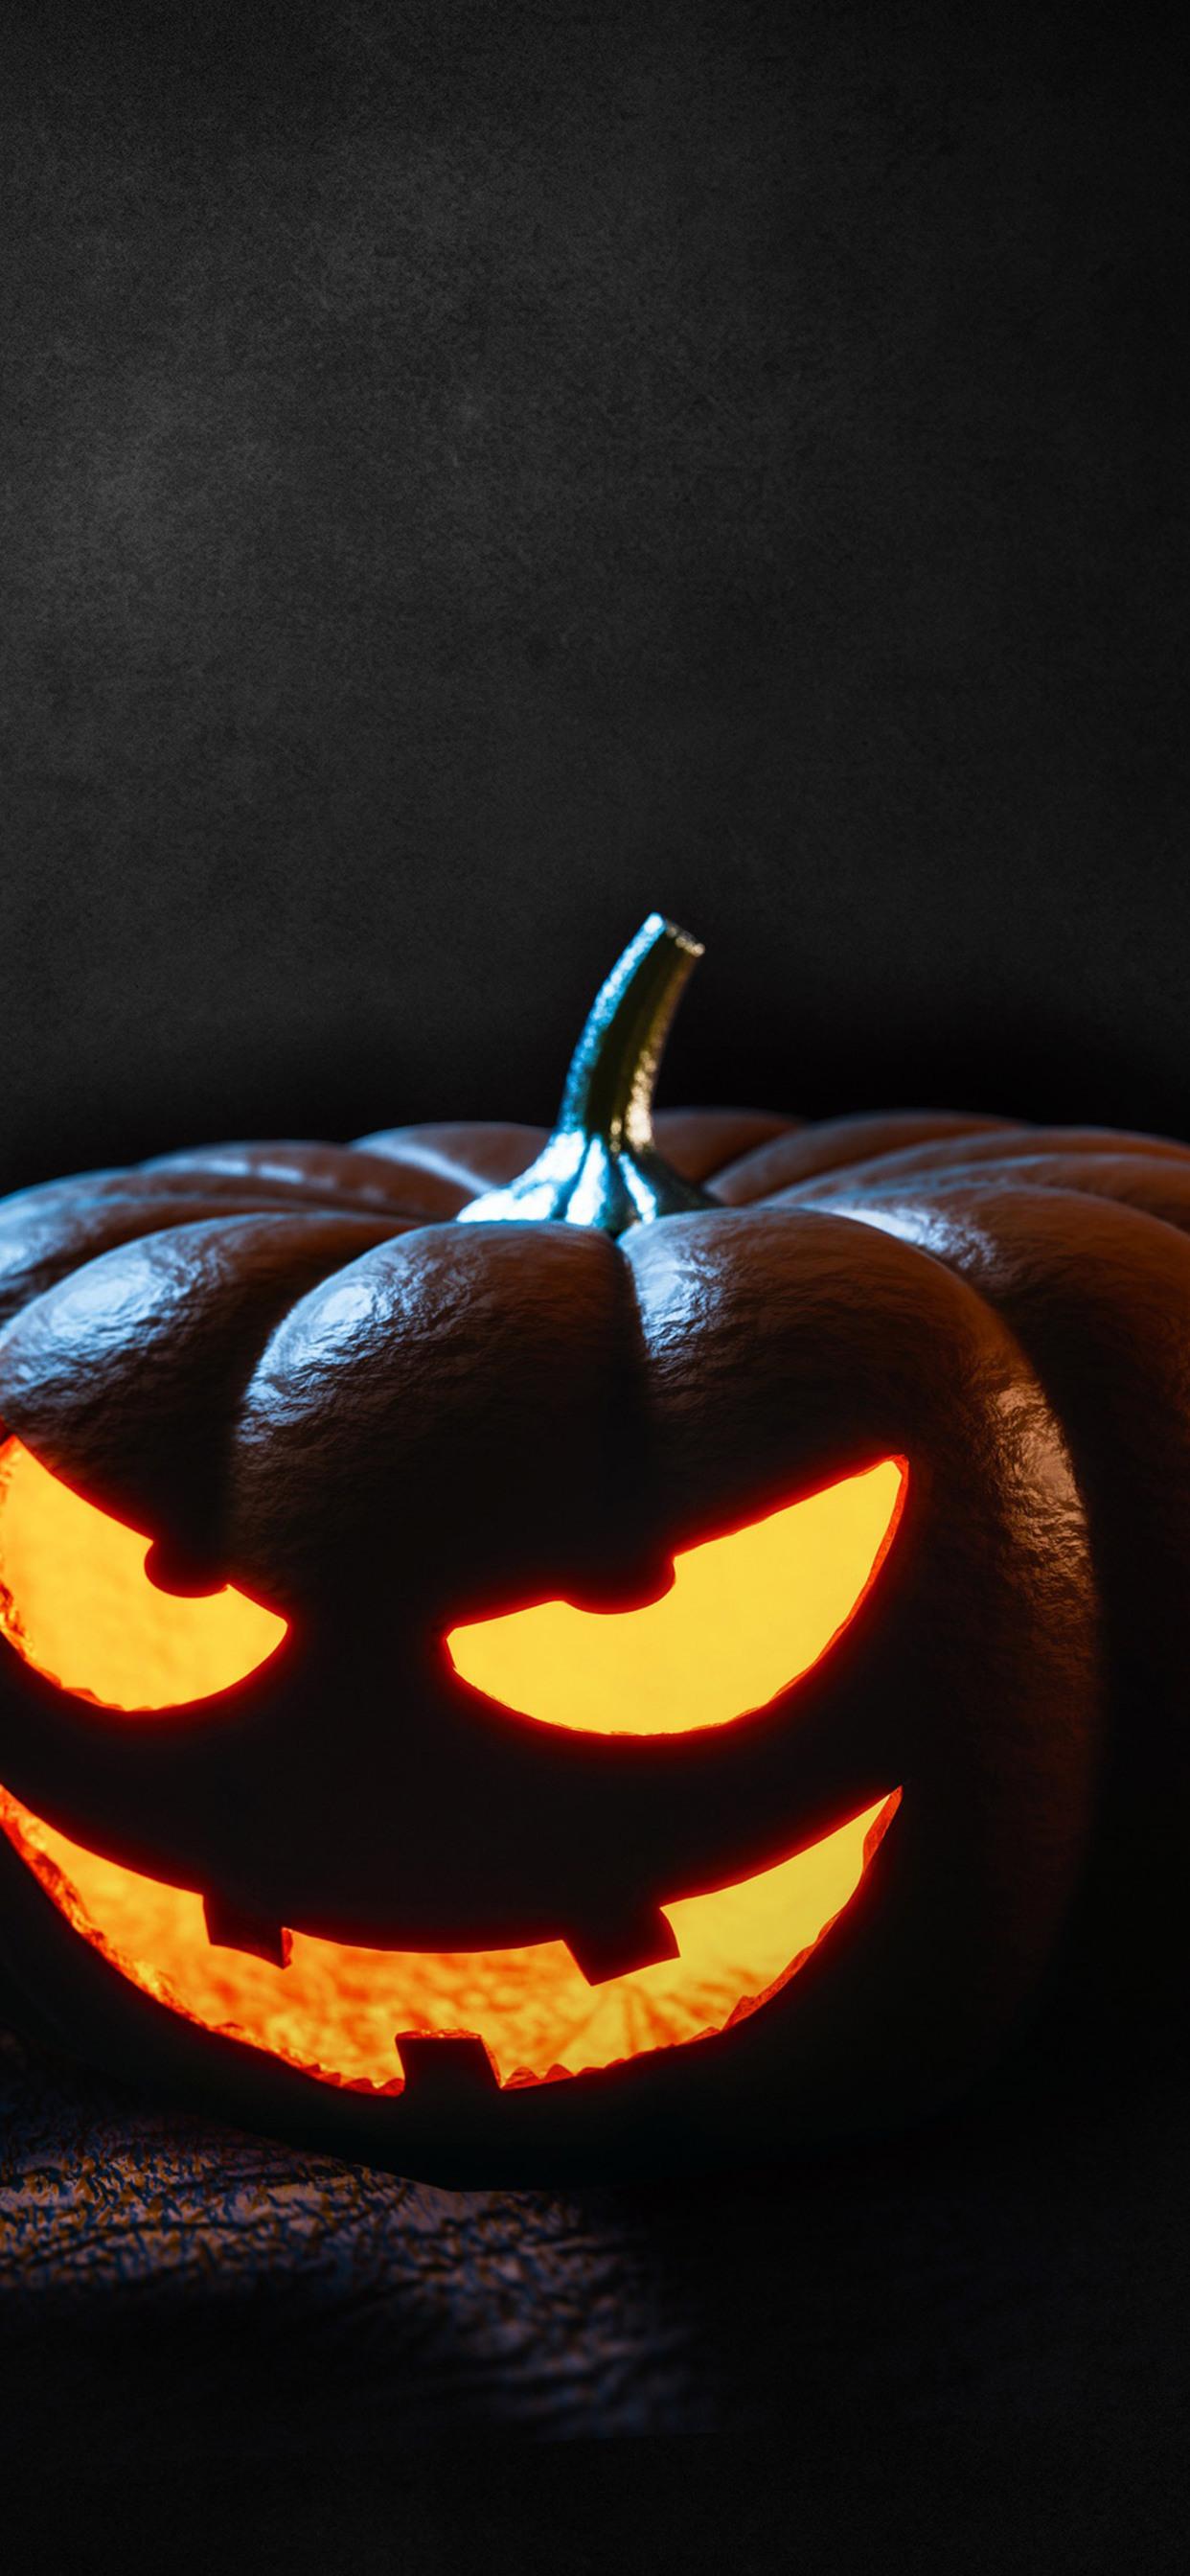 Halloween Pumpkin Wallpaper Iphone.1242x2688 Happy Halloween Pumpkin Iphone Xs Max Hd 4k Wallpapers